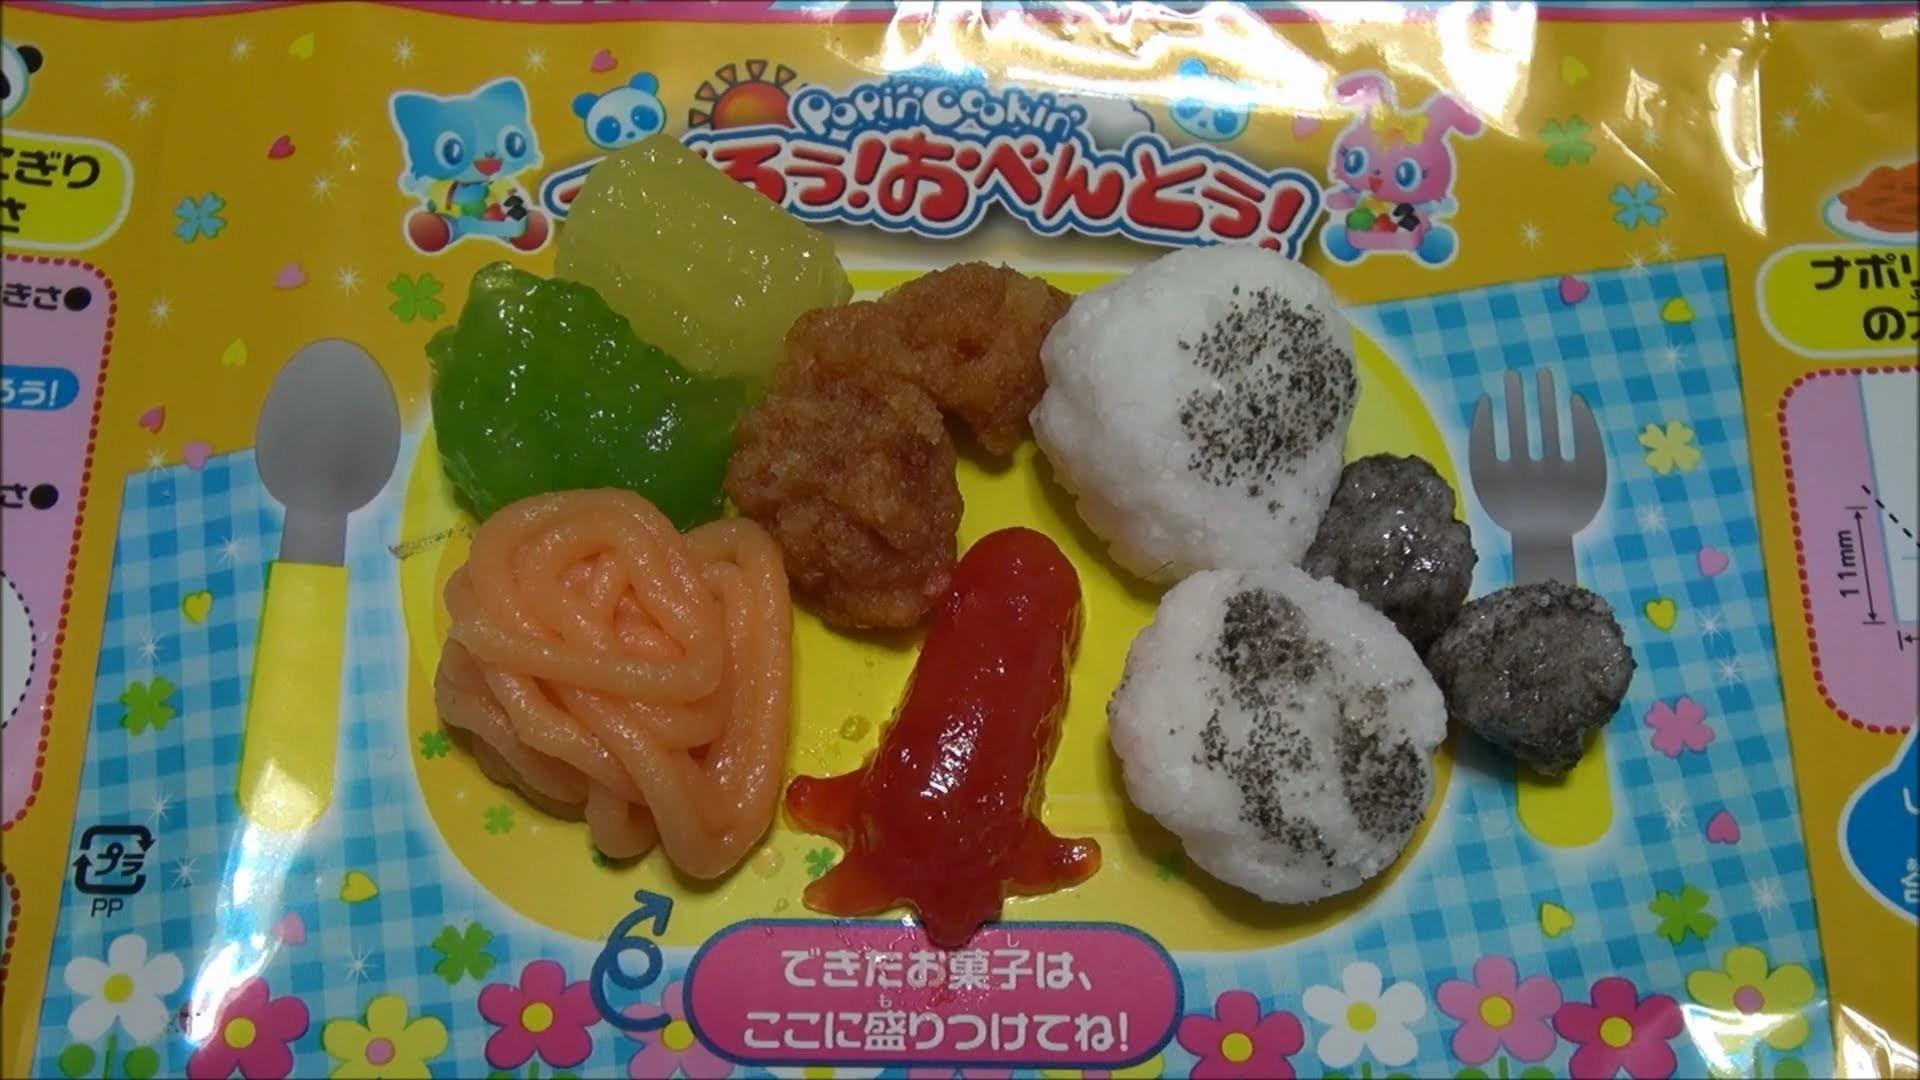 Popin'Cookin' Tsukurou! Obento!